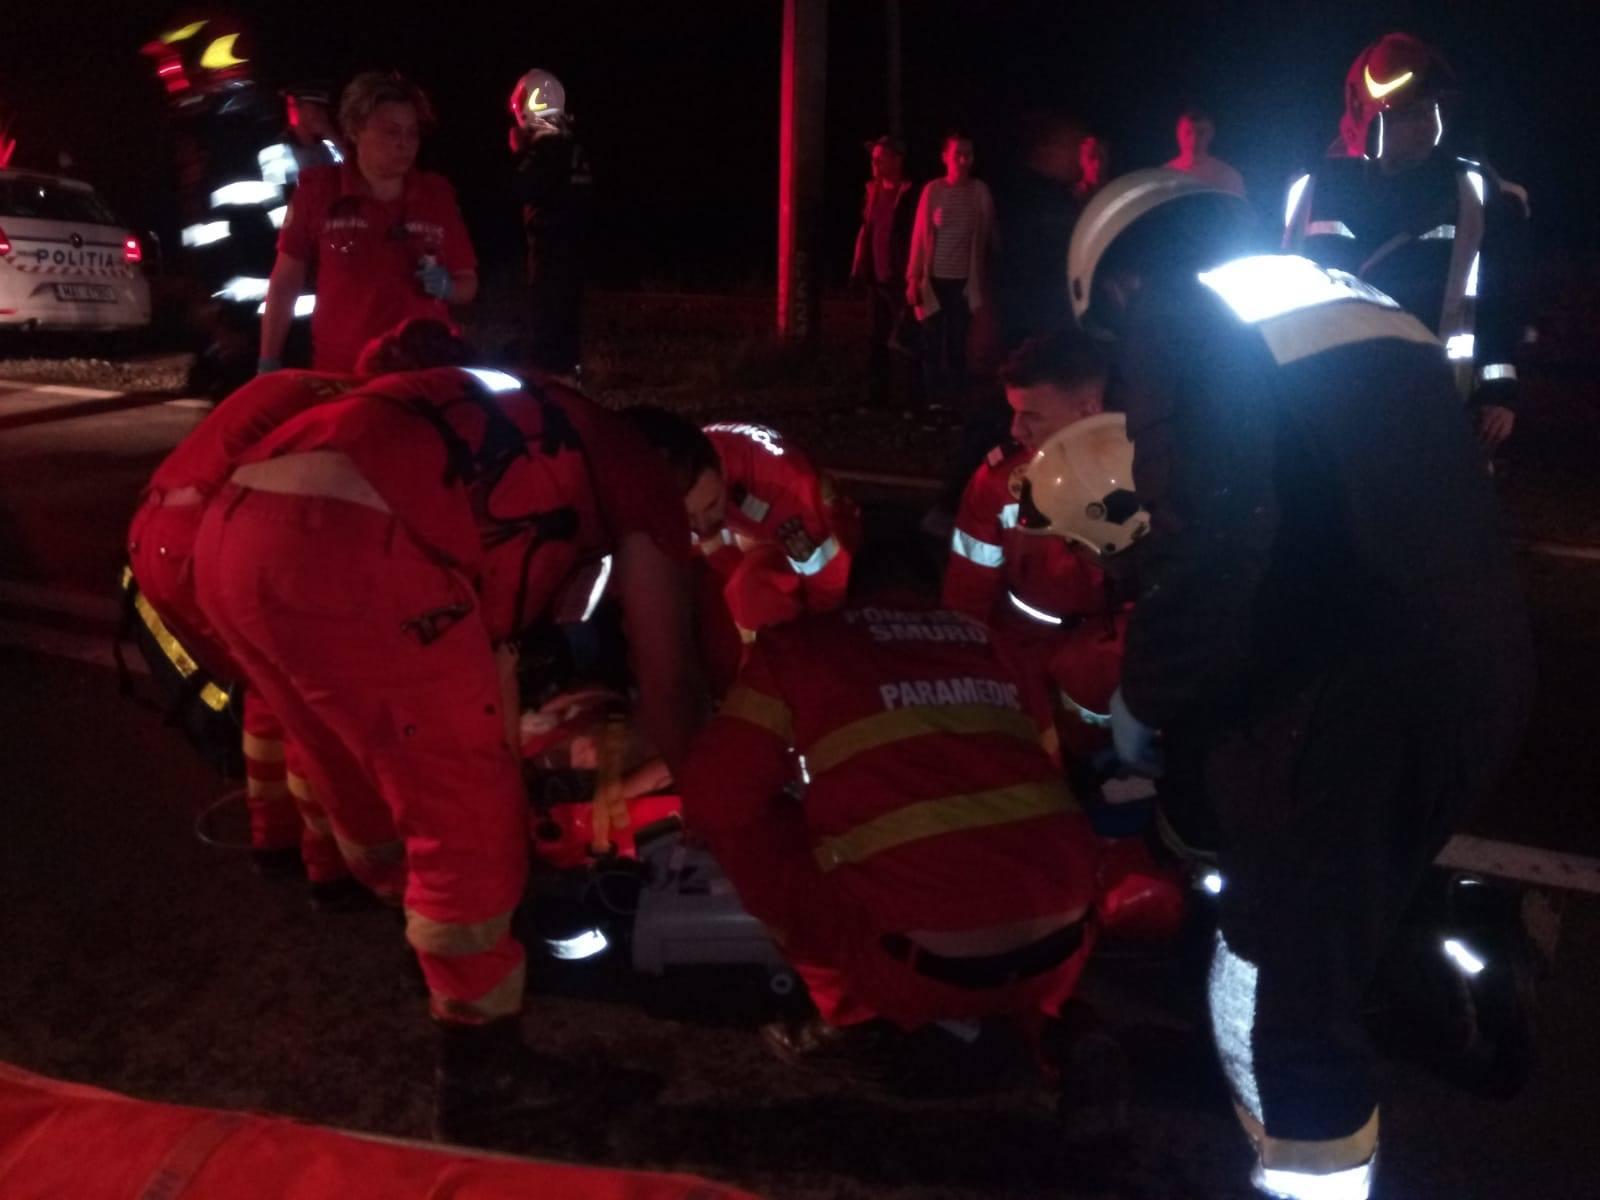 Cinci TINERI şi-au pierdut viaţa azi-noapte într-un CUMPLIT ACCIDENT rutier